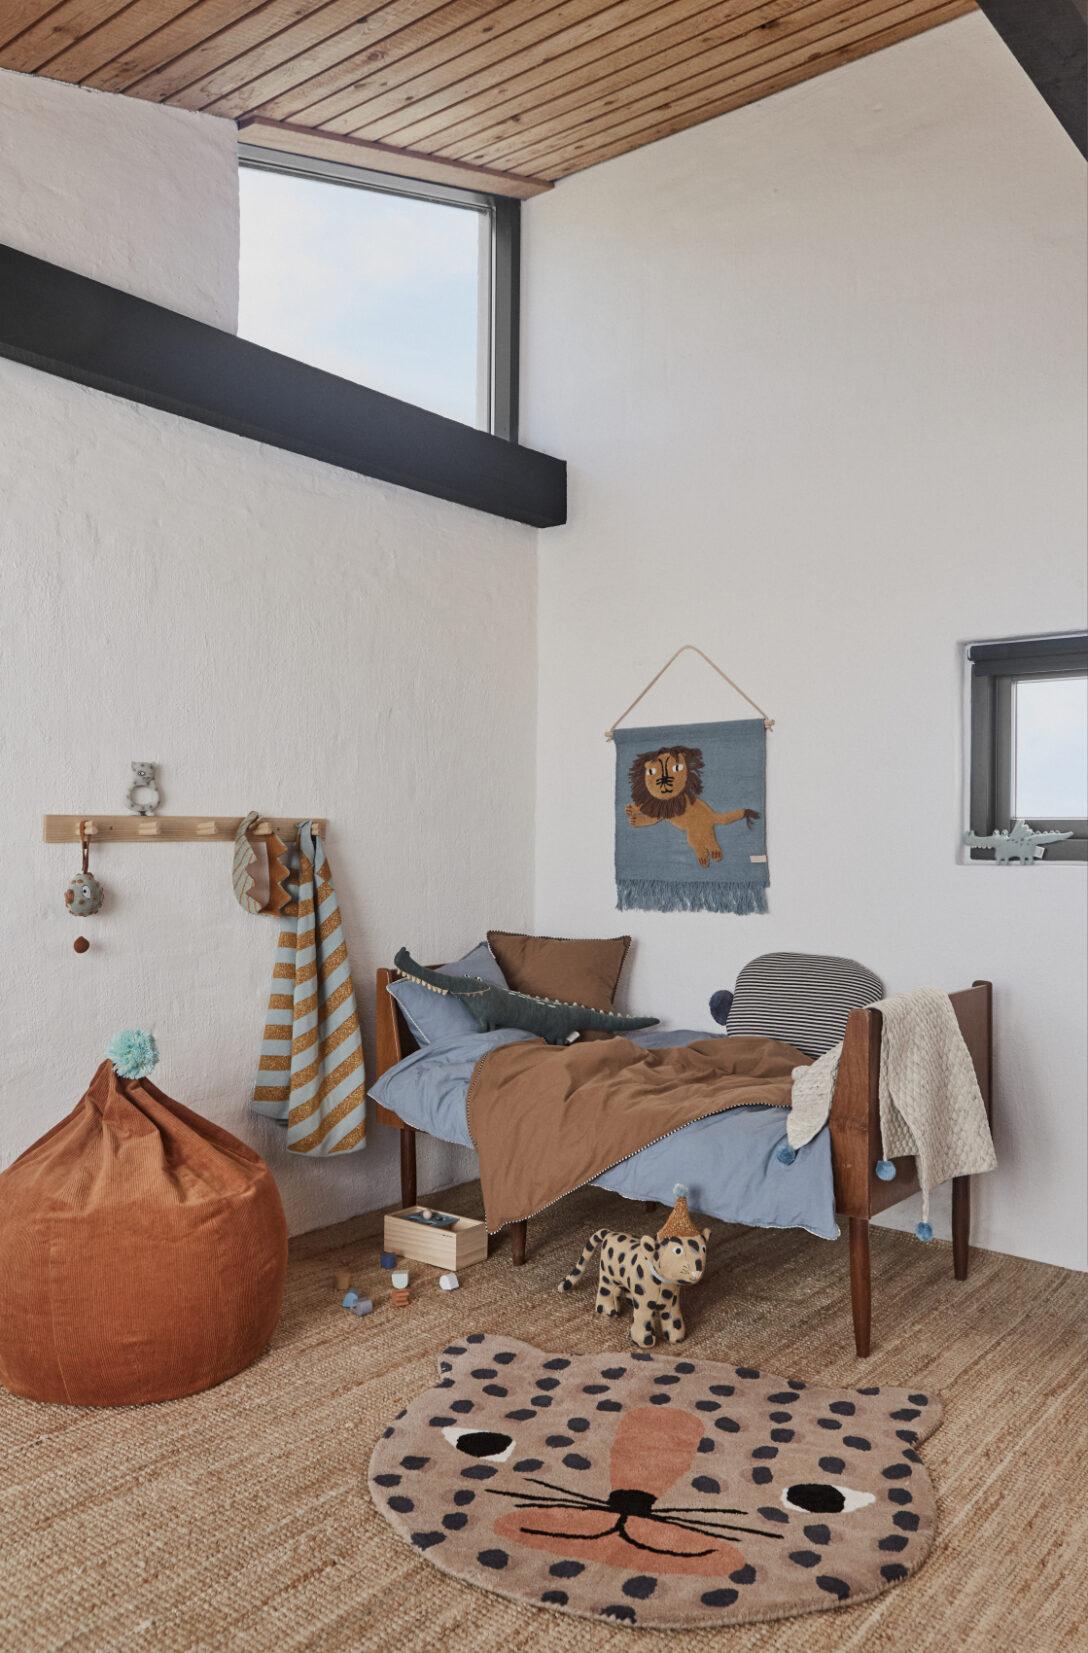 Large Size of Kinderzimmer Wanddeko Oyoy Wandteppich Lwe Rauchblau Senfgelb 52x55cm Regal Regale Sofa Küche Weiß Kinderzimmer Kinderzimmer Wanddeko